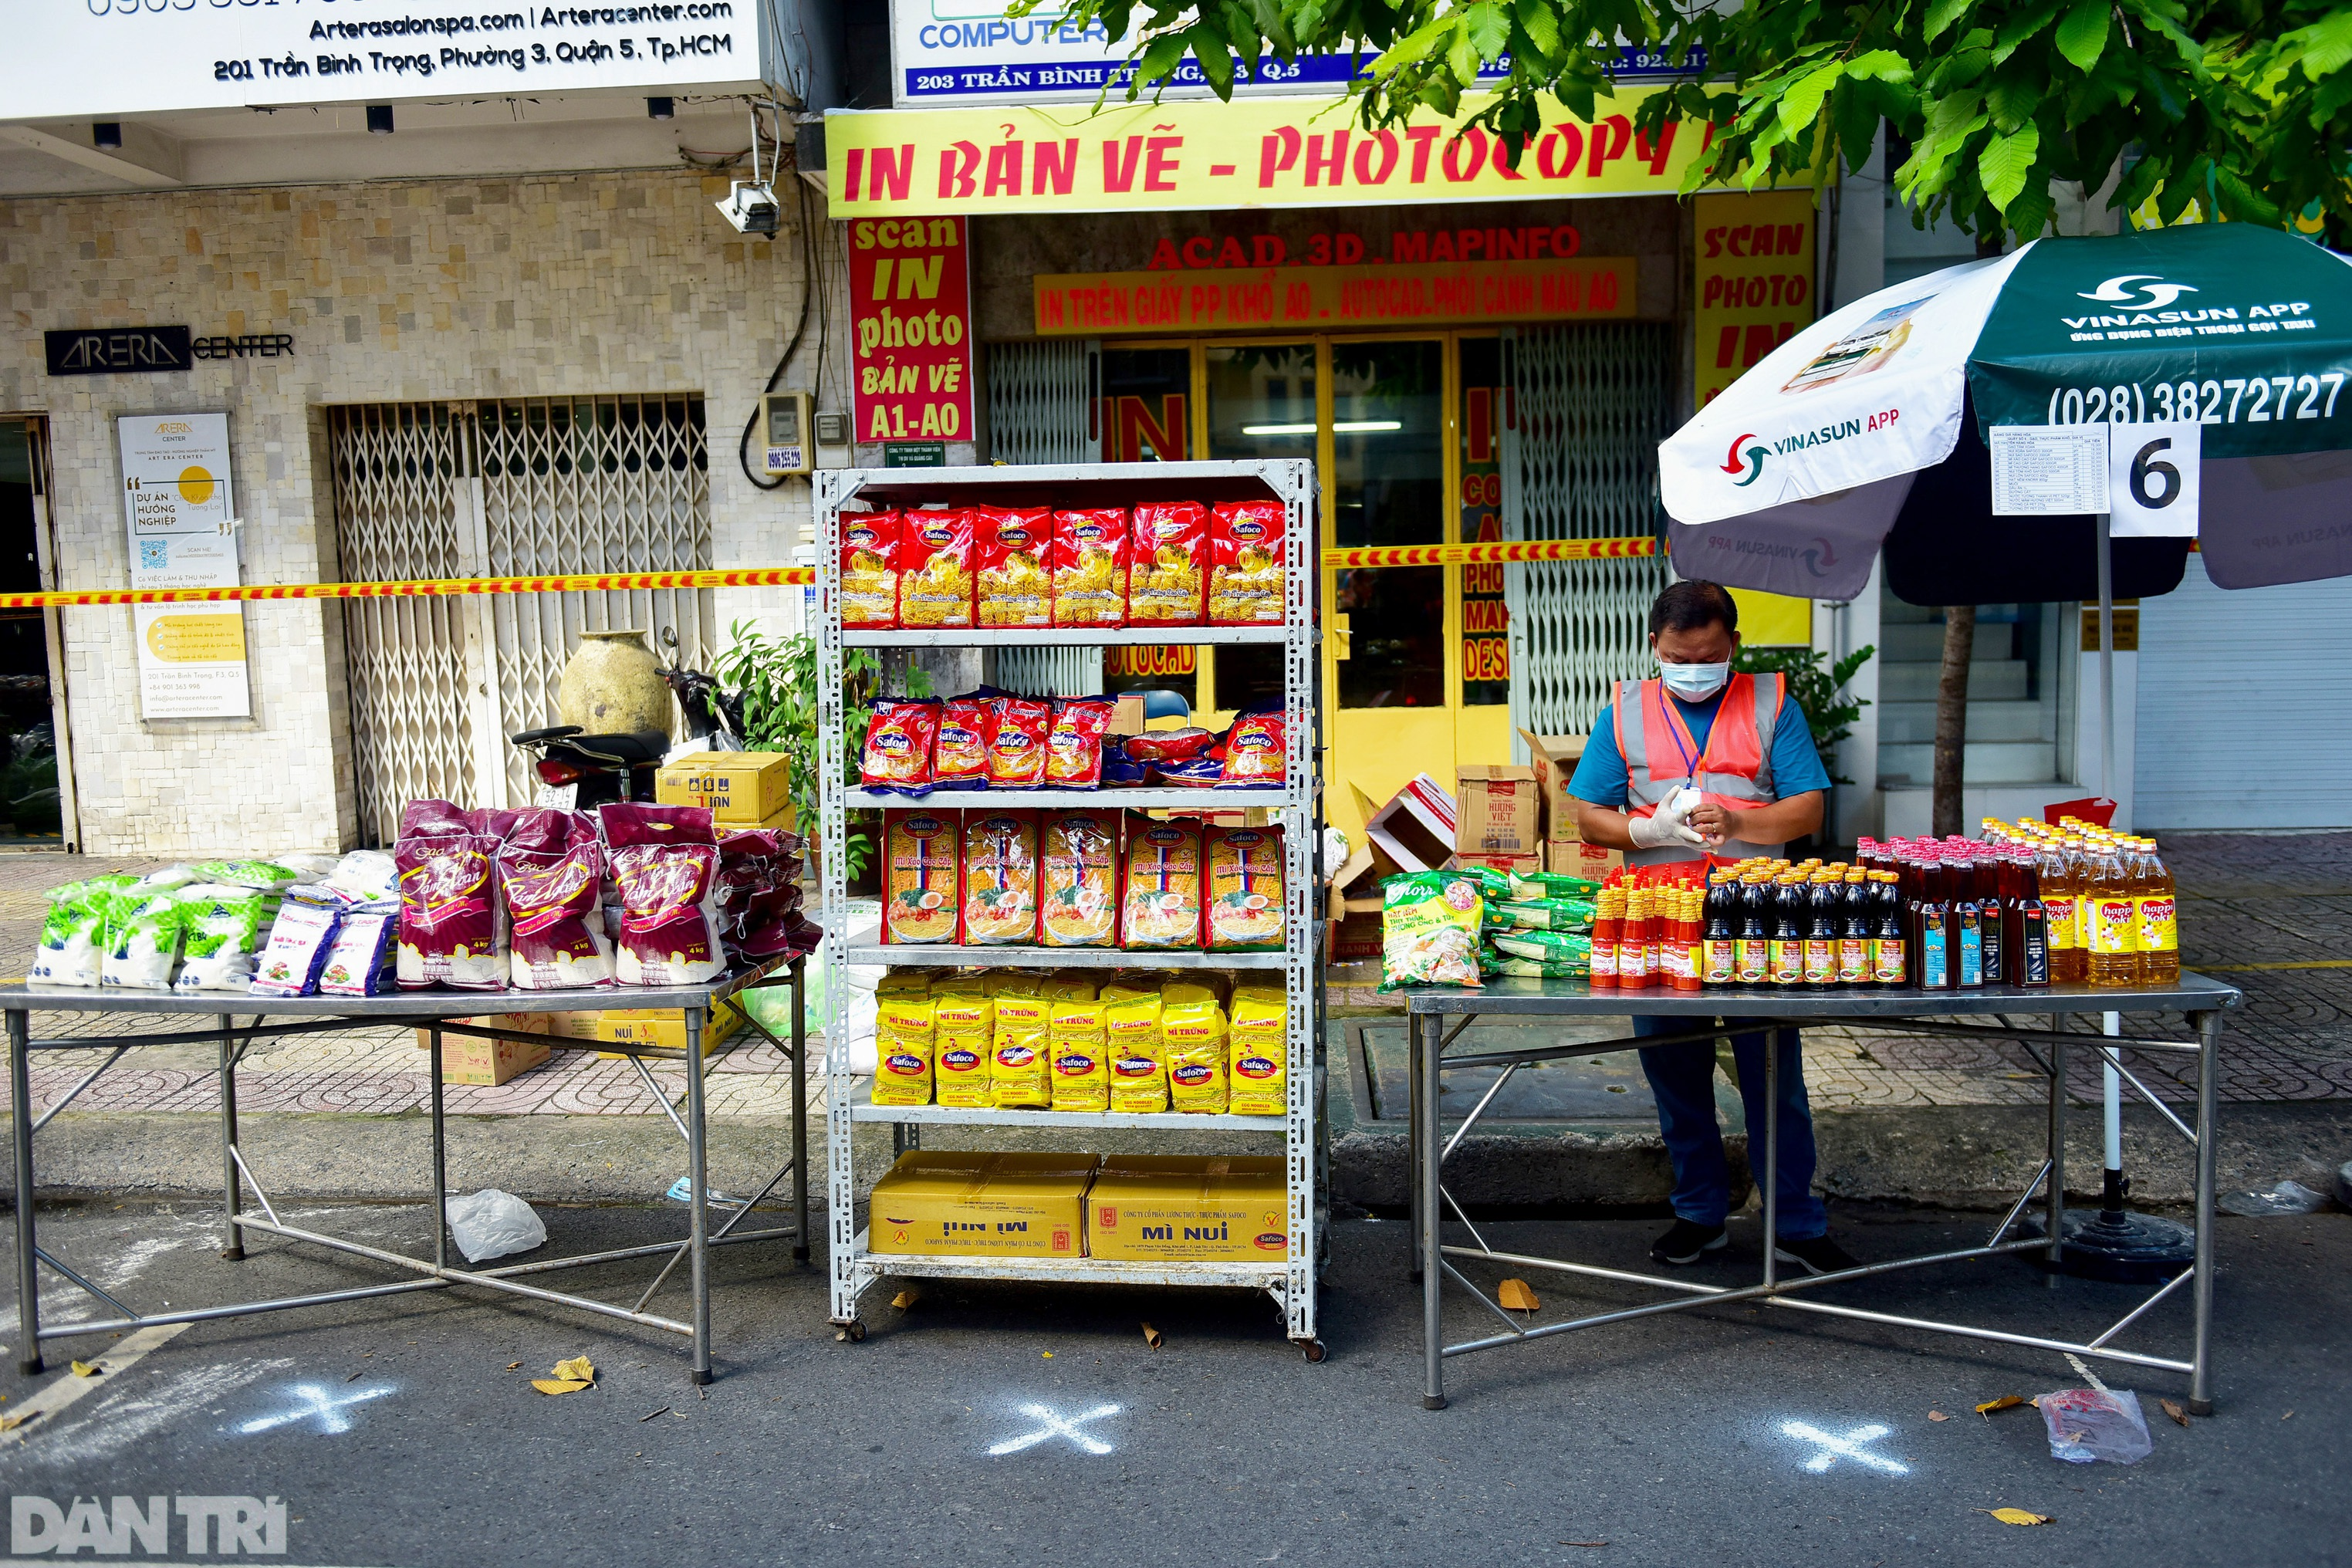 Chợ dã chiến dài 500 m trên vỉa hè phục vụ người dân vùng xanh TPHCM - 5